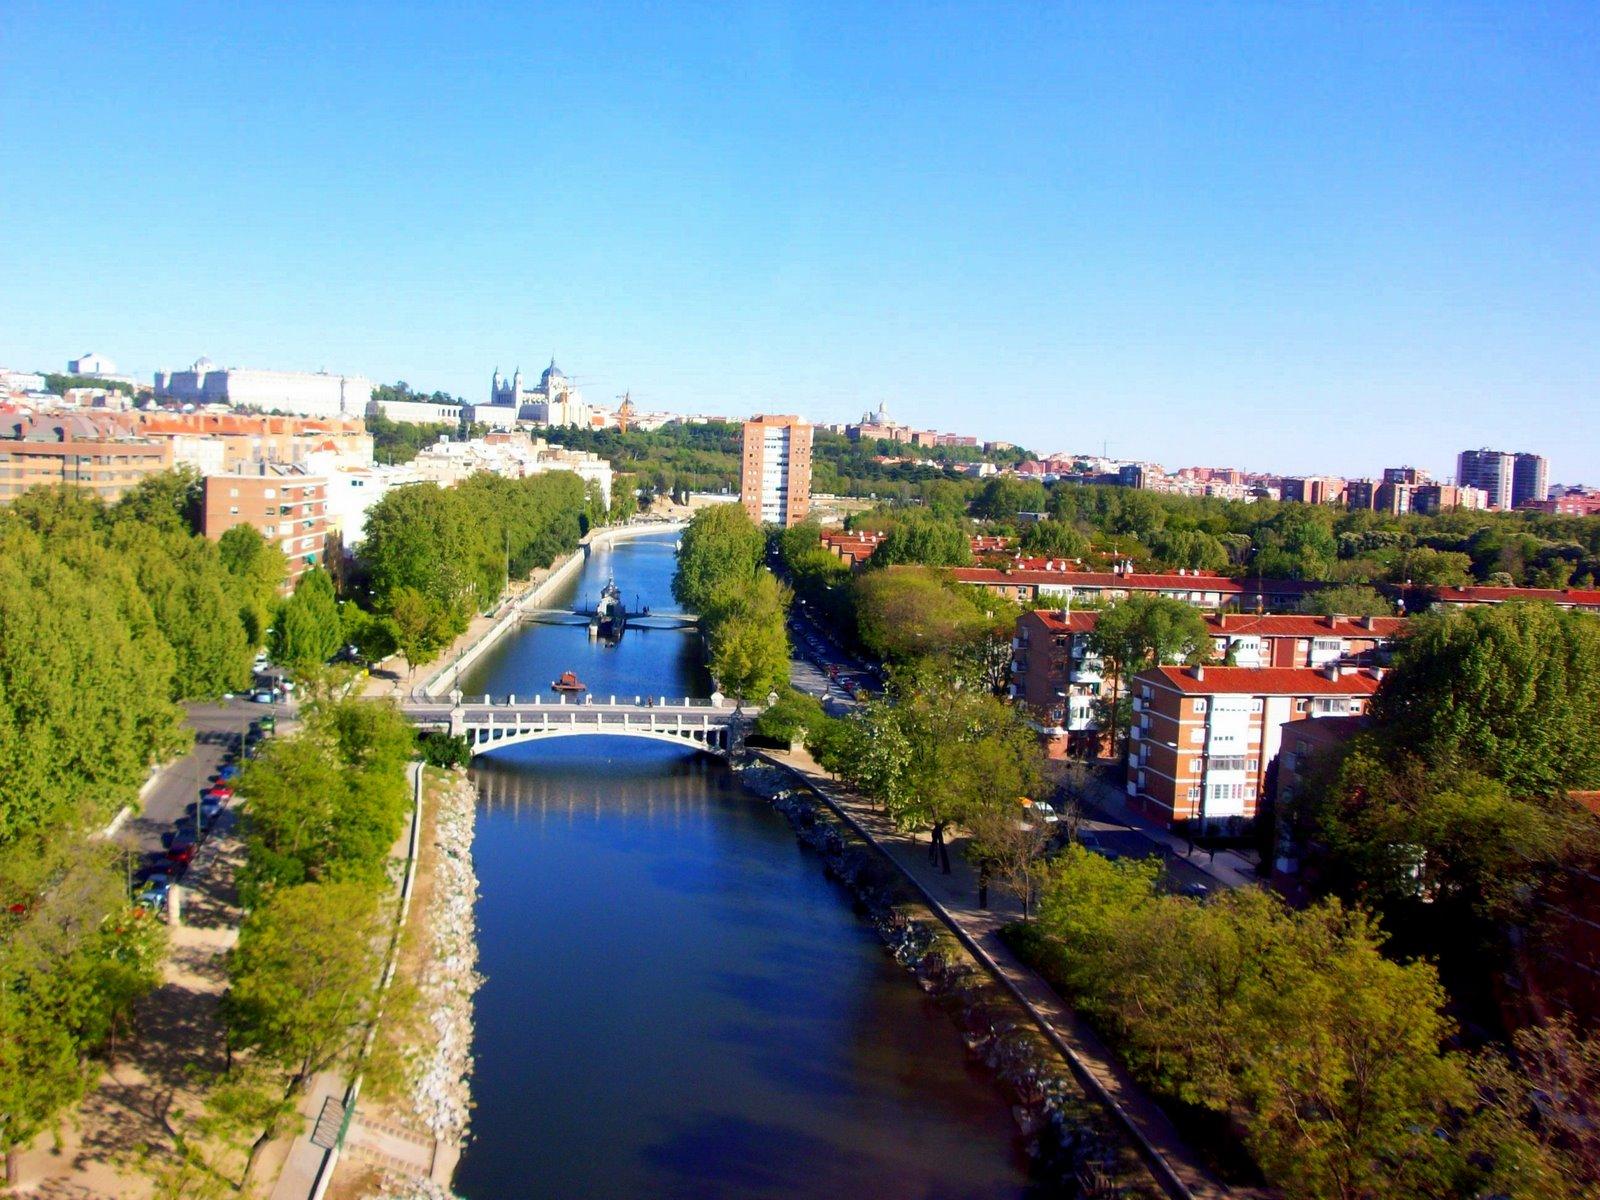 Madrid Vistas Desde Teleferico Mis Viajes Por Ah 237 187 Mis Viajes Por Ah 237